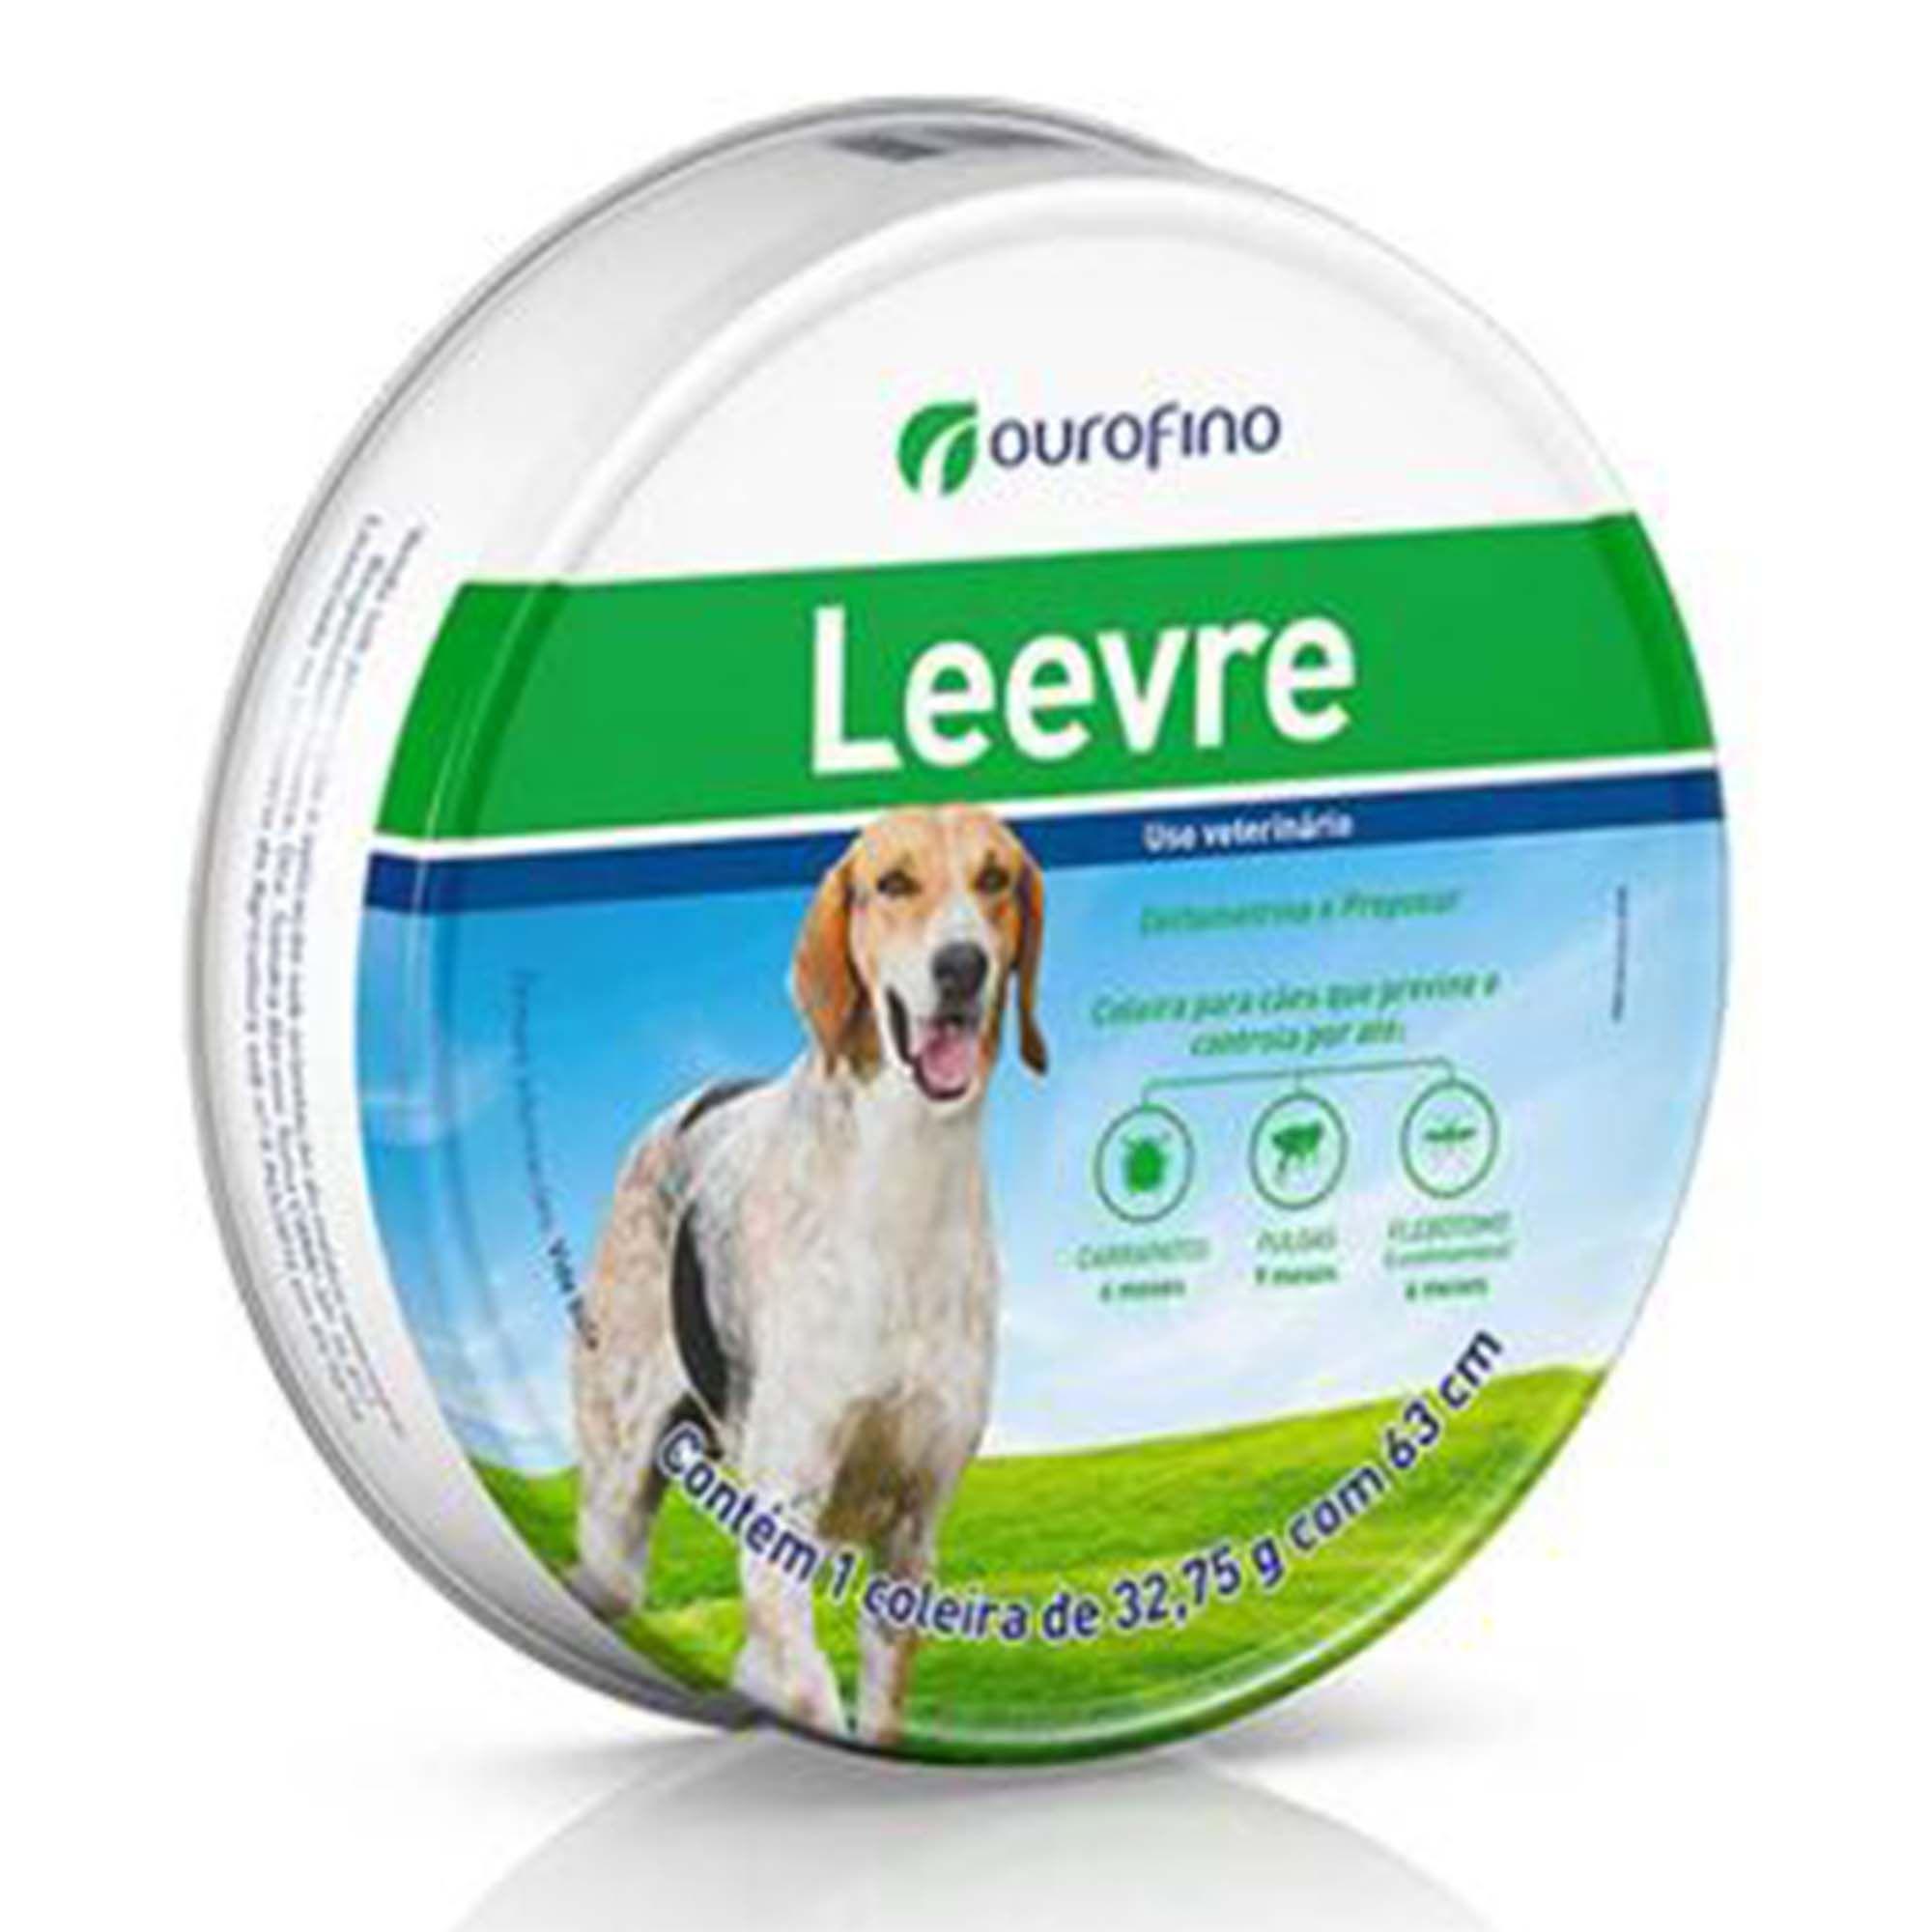 Coleira Antiparasitária Leevre para Cães - 63cm